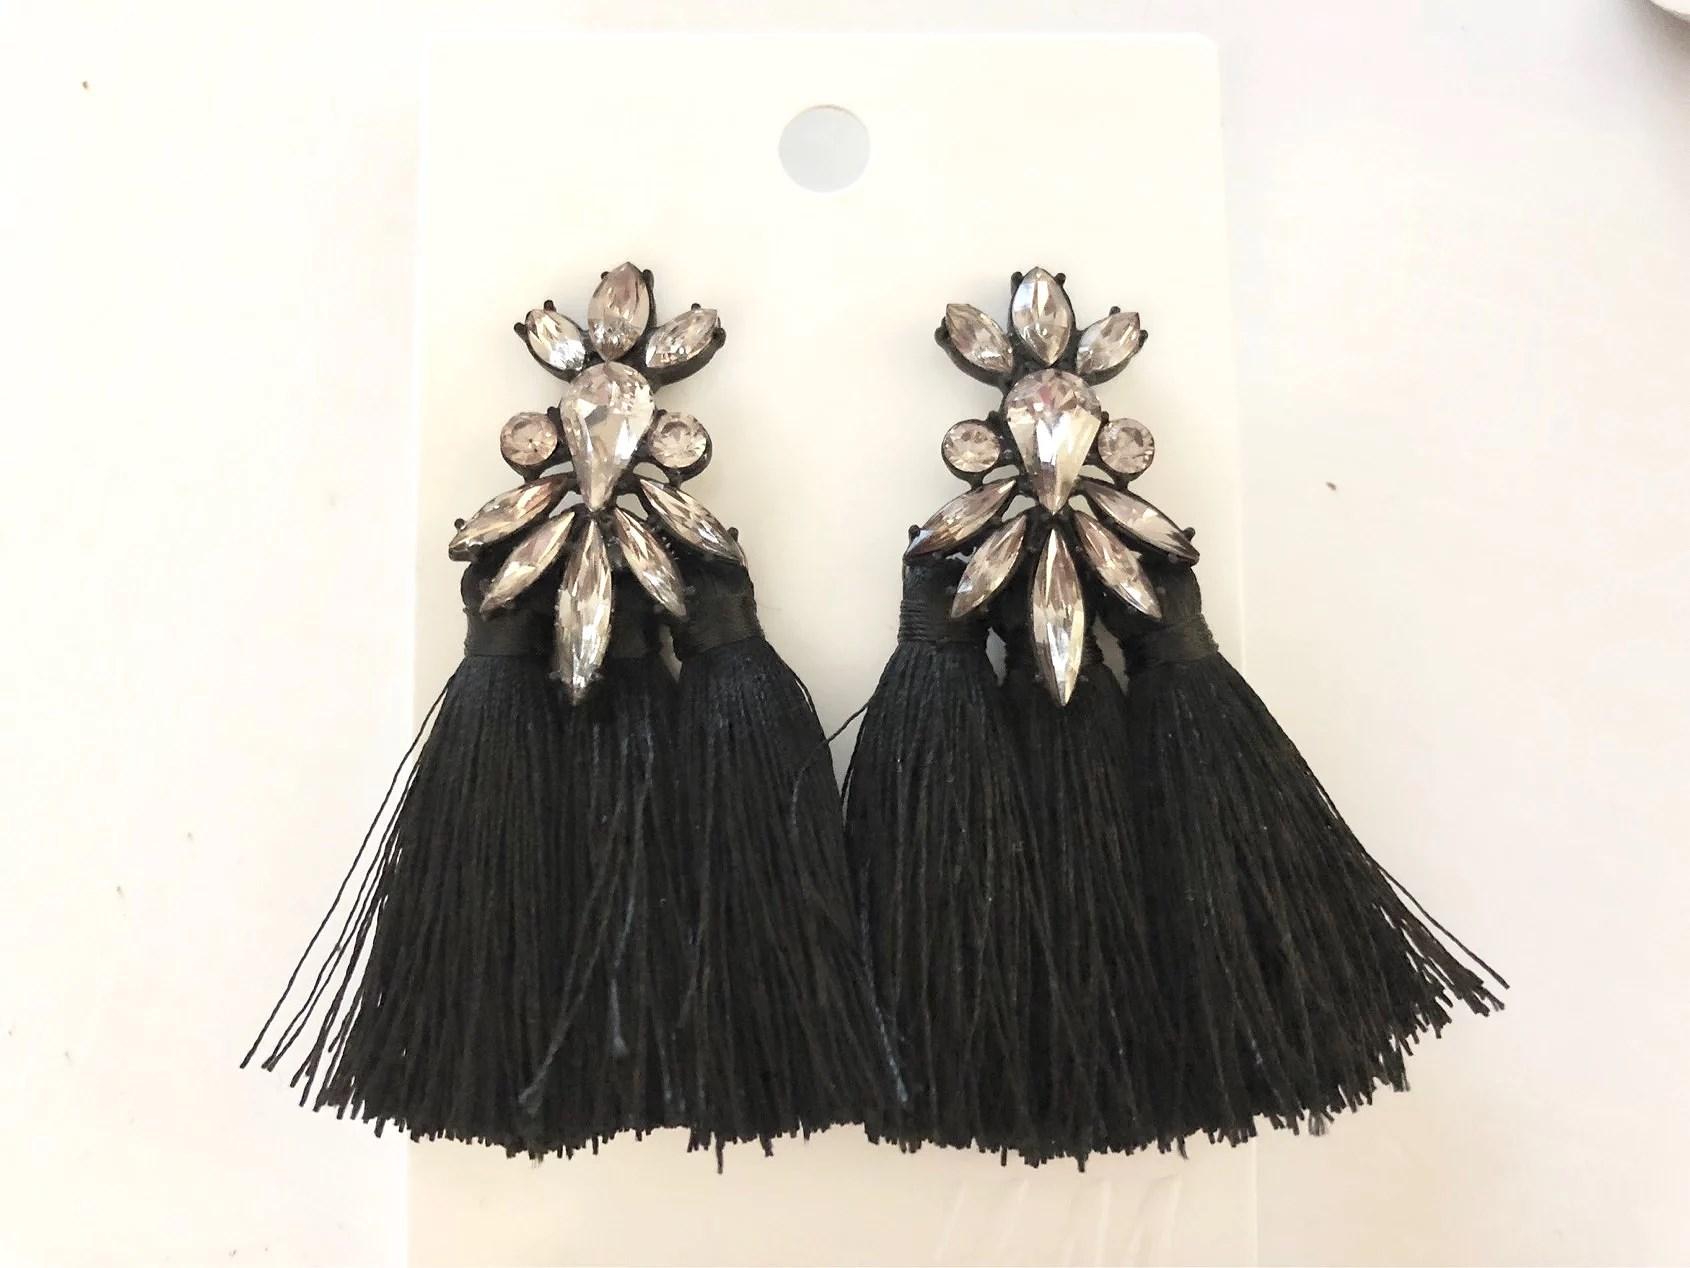 Nya örhängen!